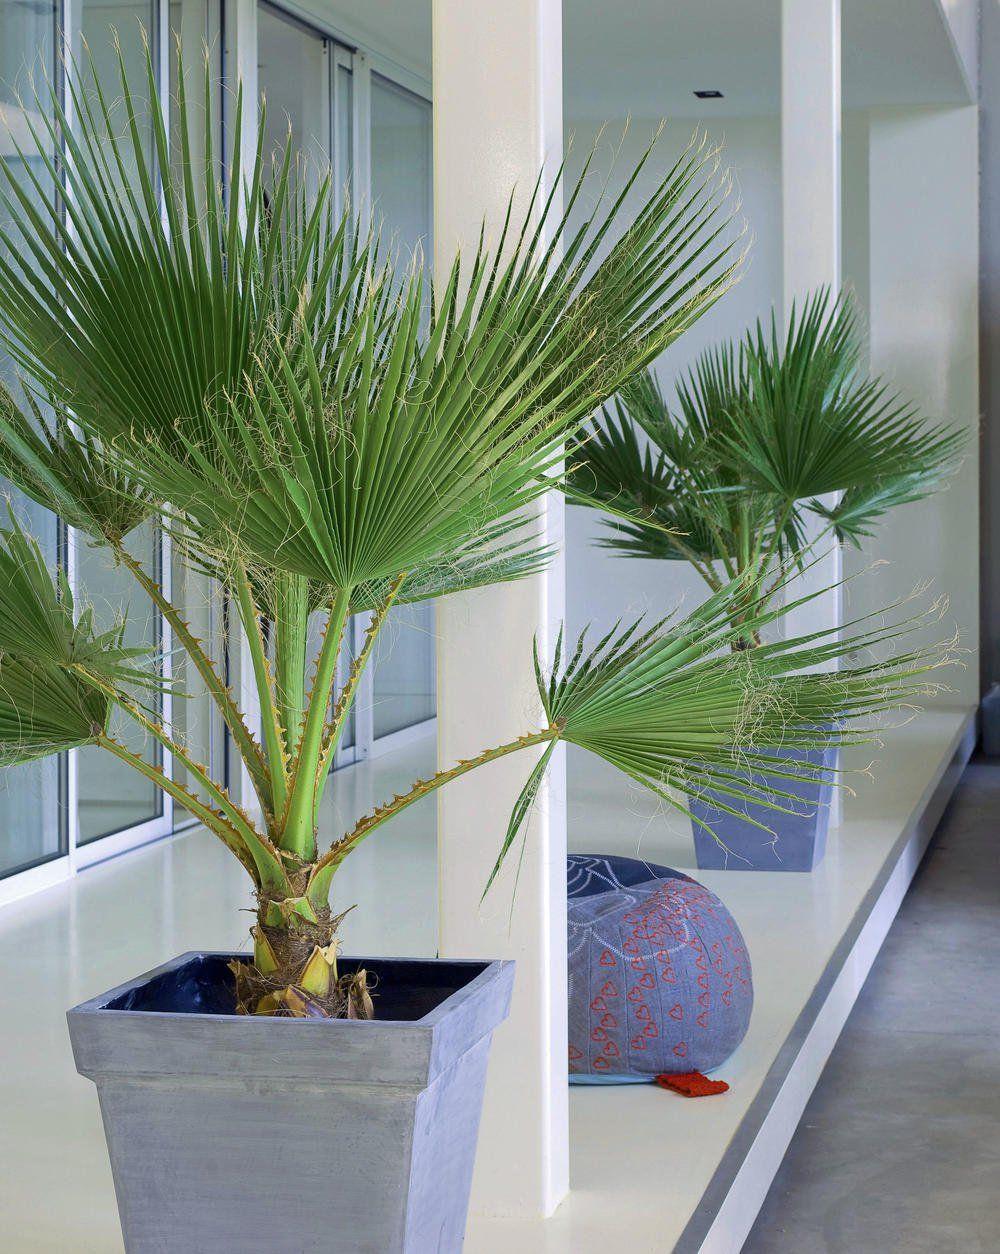 Kalifornische Washingtonpalme Zimmerpflanze Mit Fernweh Flair Zimmerpflanzen Pflanzen Im Badezimmer Pflanzen